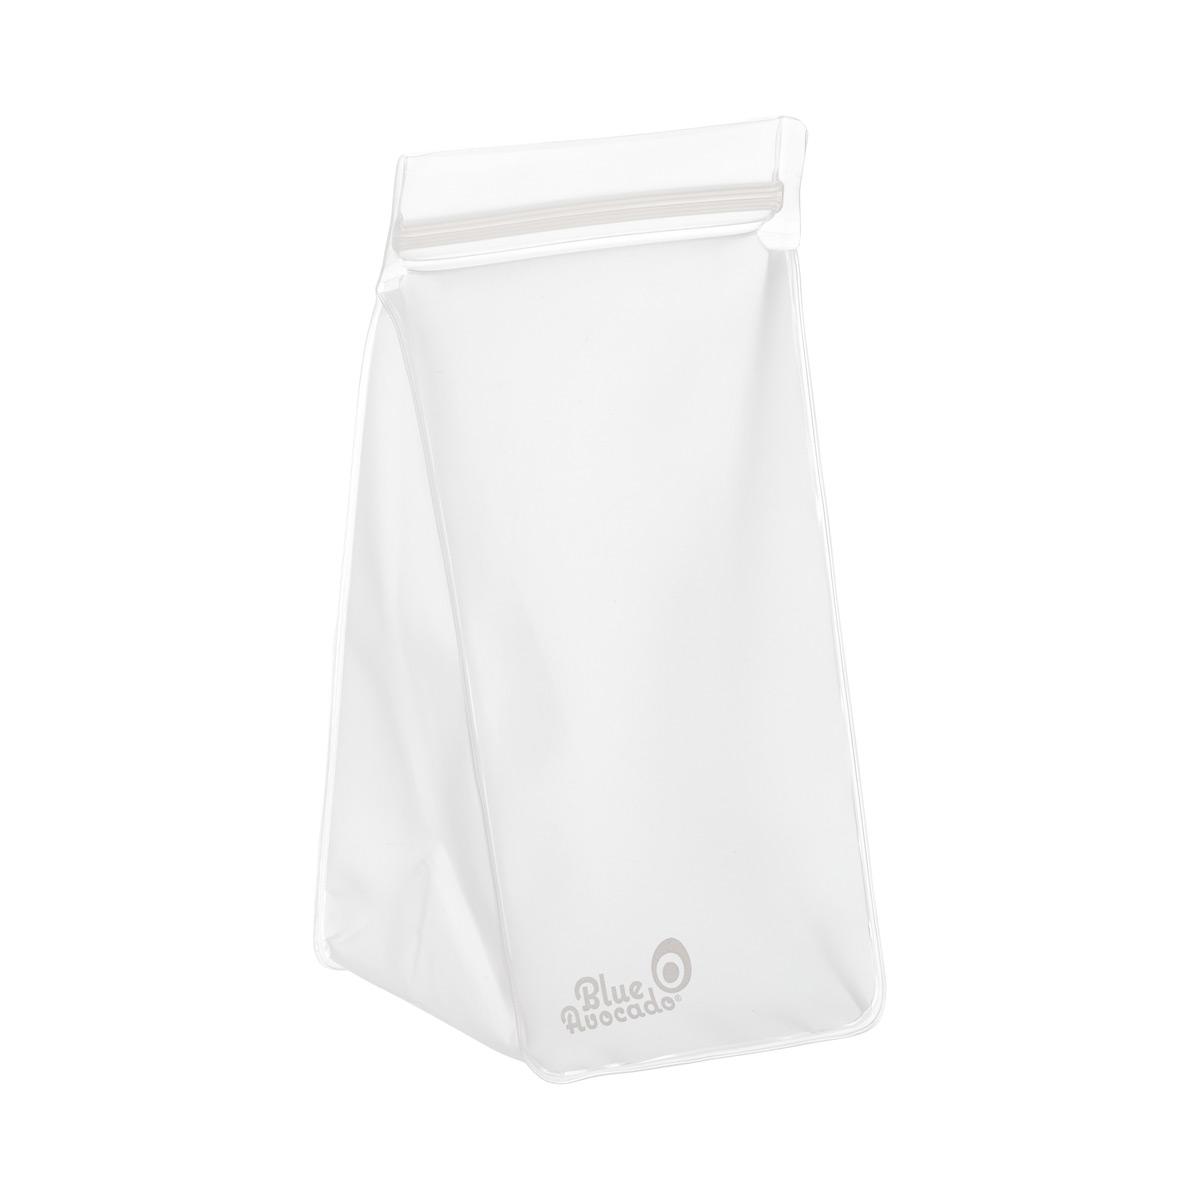 Re-Zip~ Reusable Storage Bag